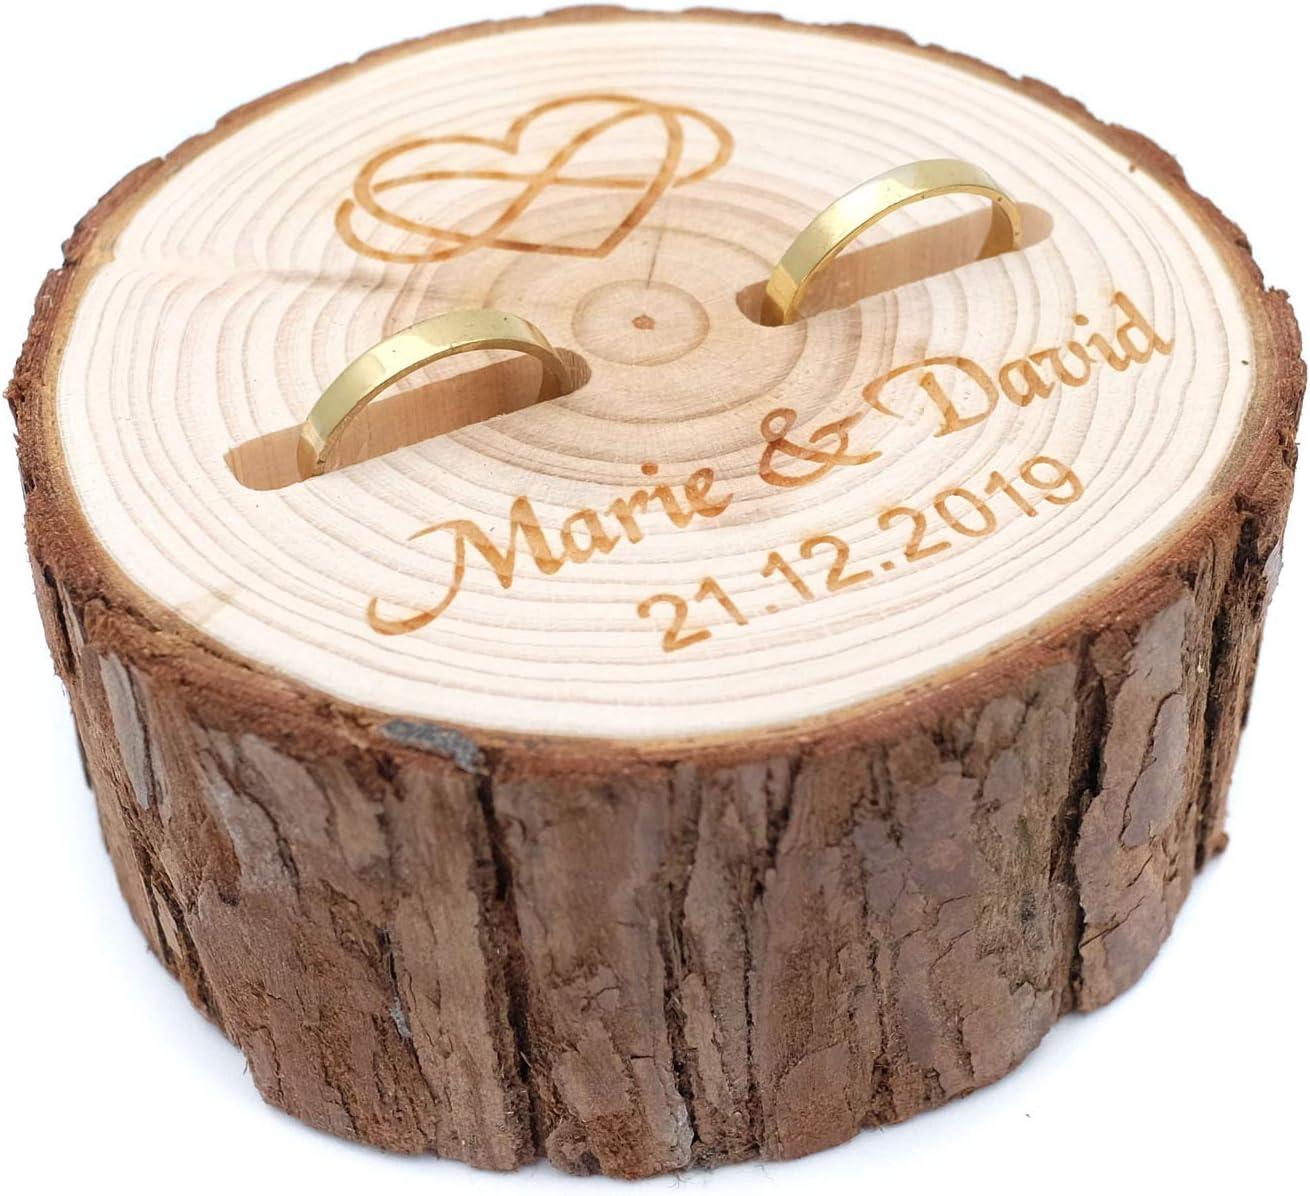 rustic wooden ring box Wedding ring box box for wedding rings wedding ring dish custom ring bearer box ring bearer wooden ring box